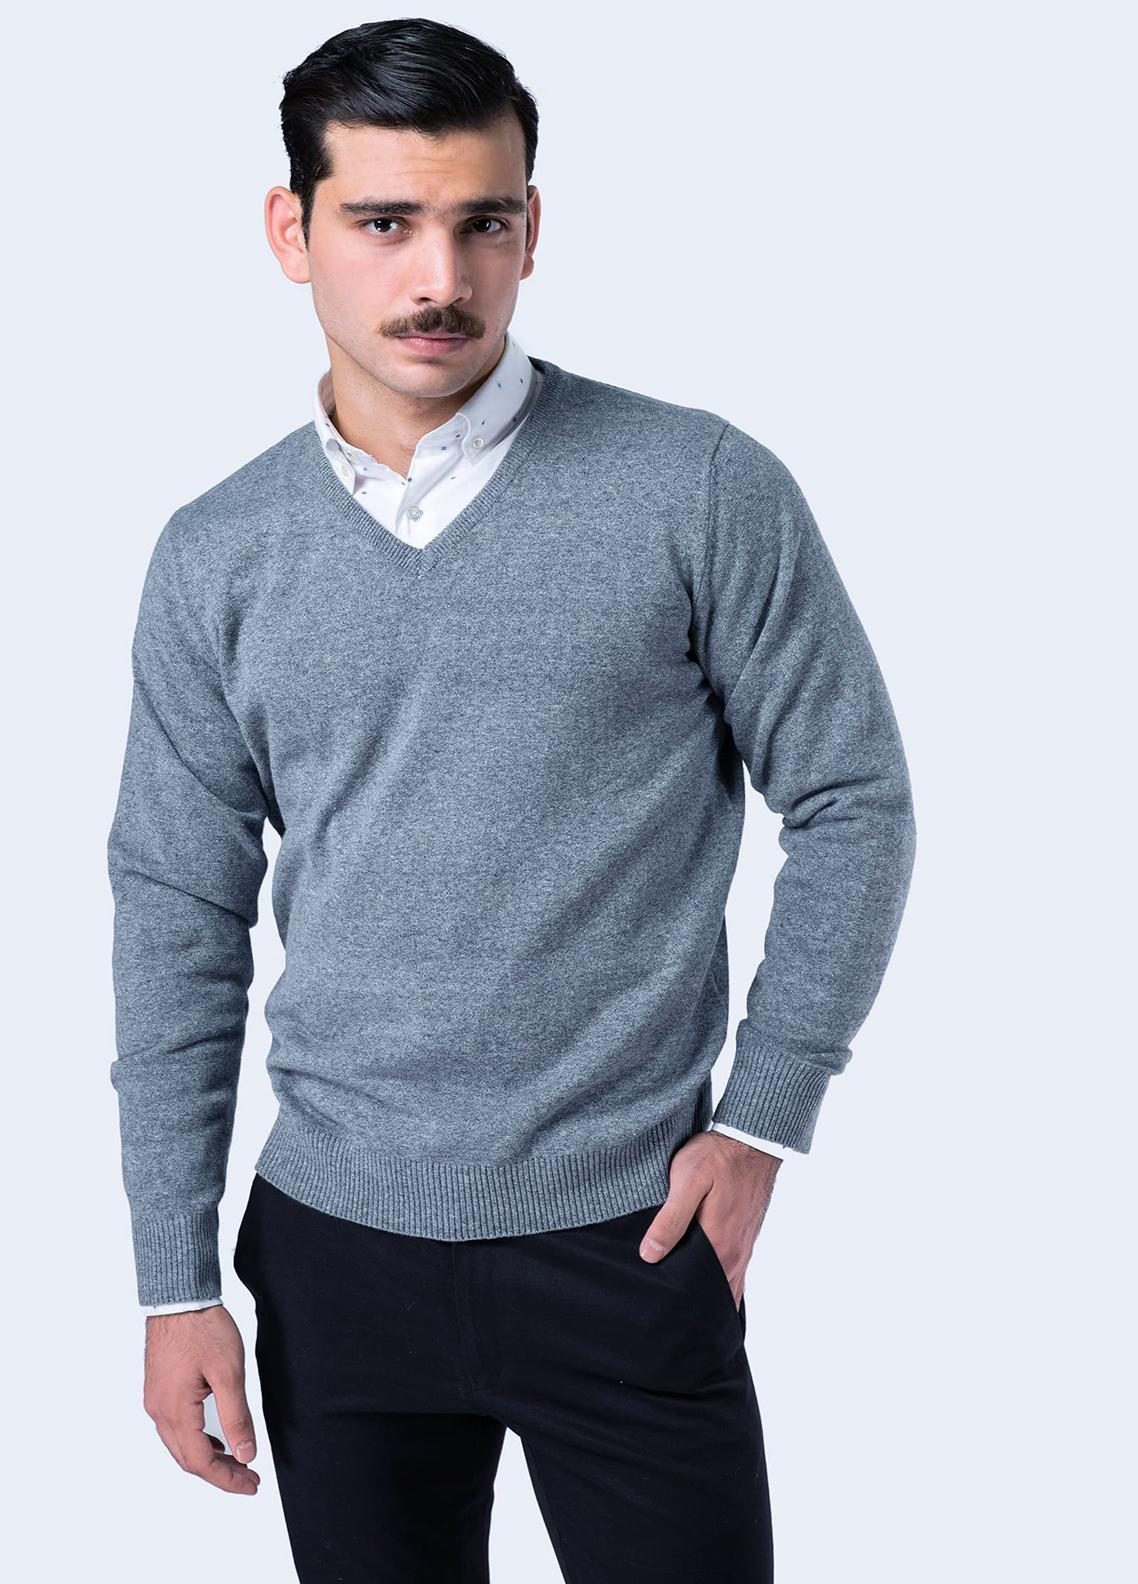 Brumano Cotton Full Sleeves V-Neck Sweaters for Men -  FS-005